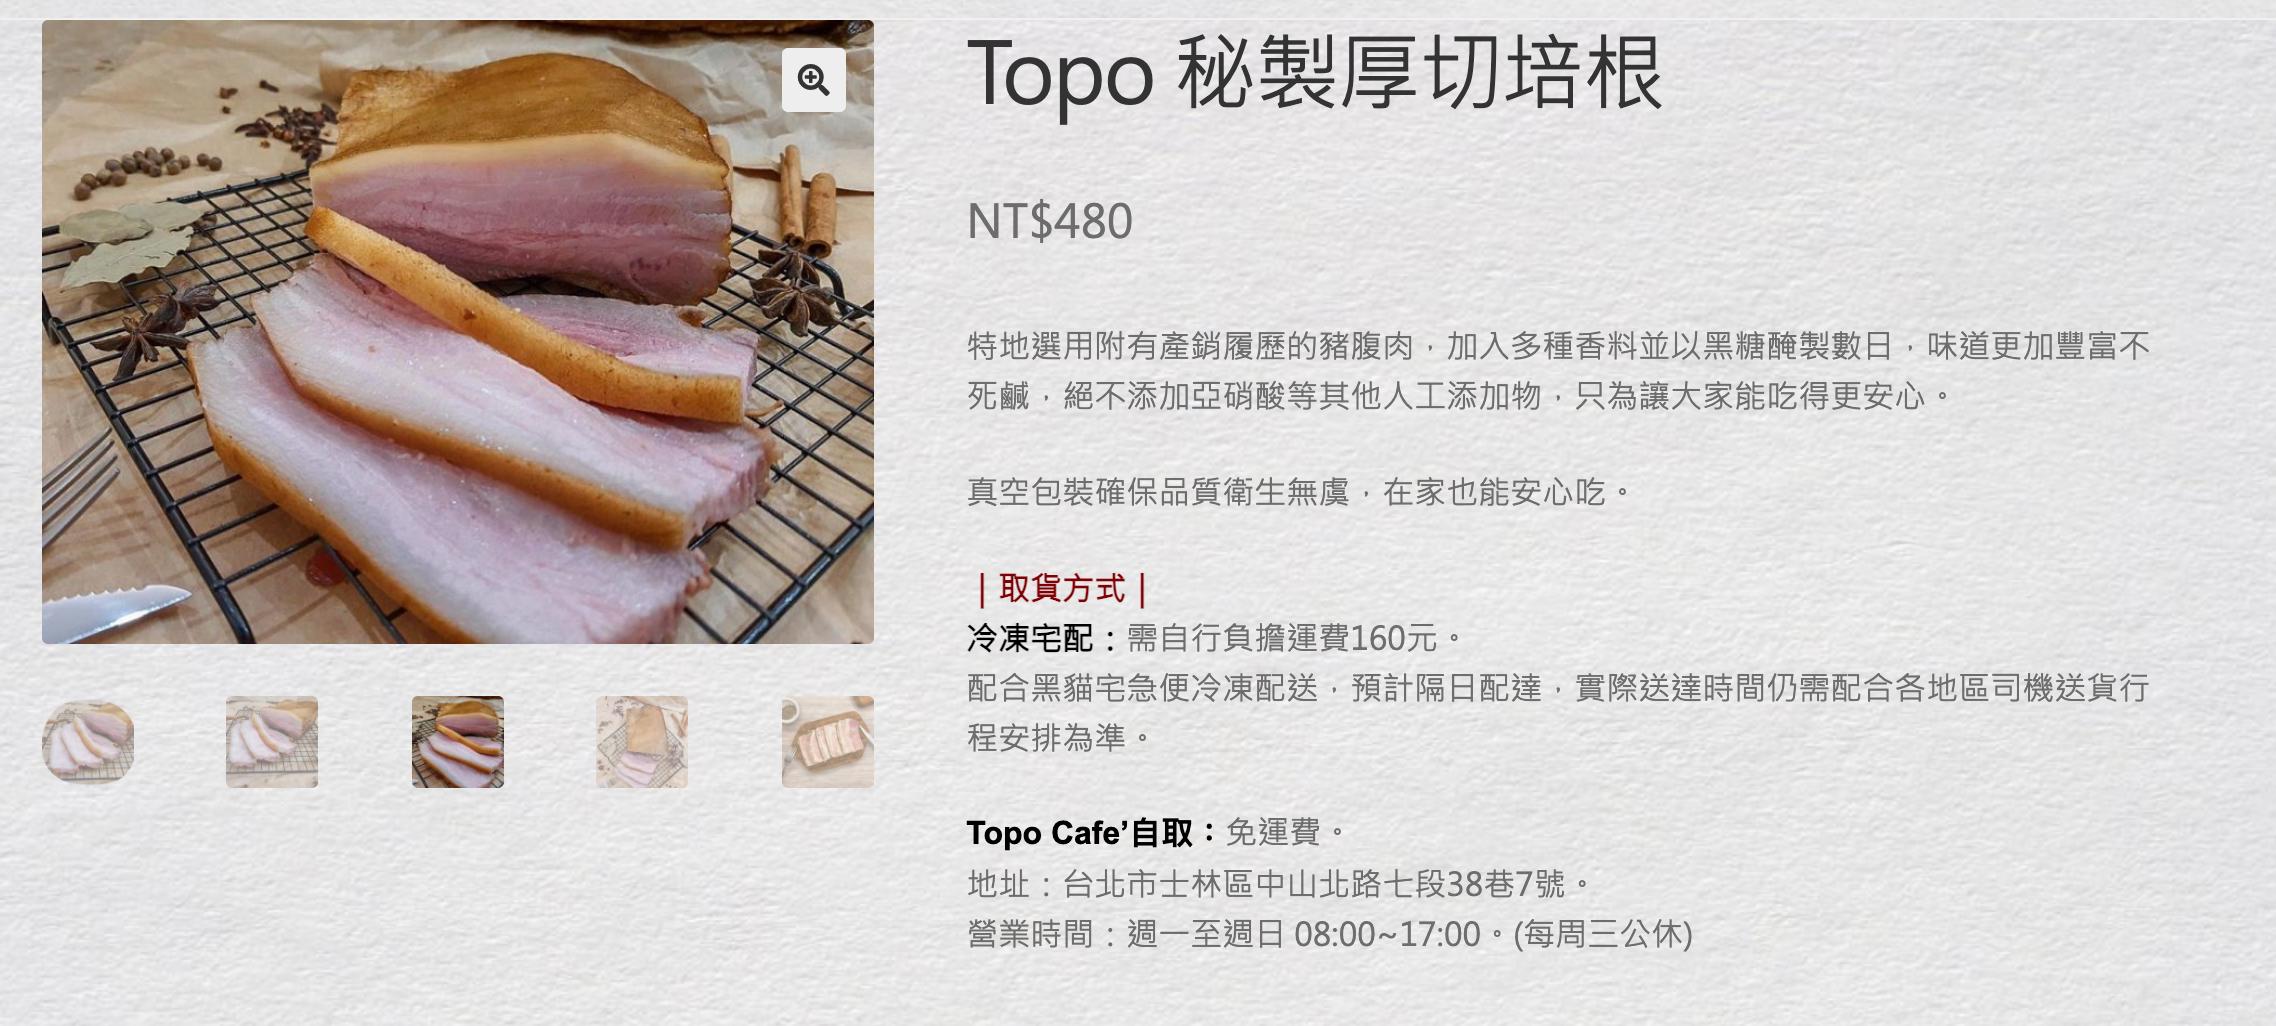 TOPO拓樸本然,超好吃培根!!嚴選花田囍彘的豬肉,無毒農產飼育,附有產銷履歷的快樂豬